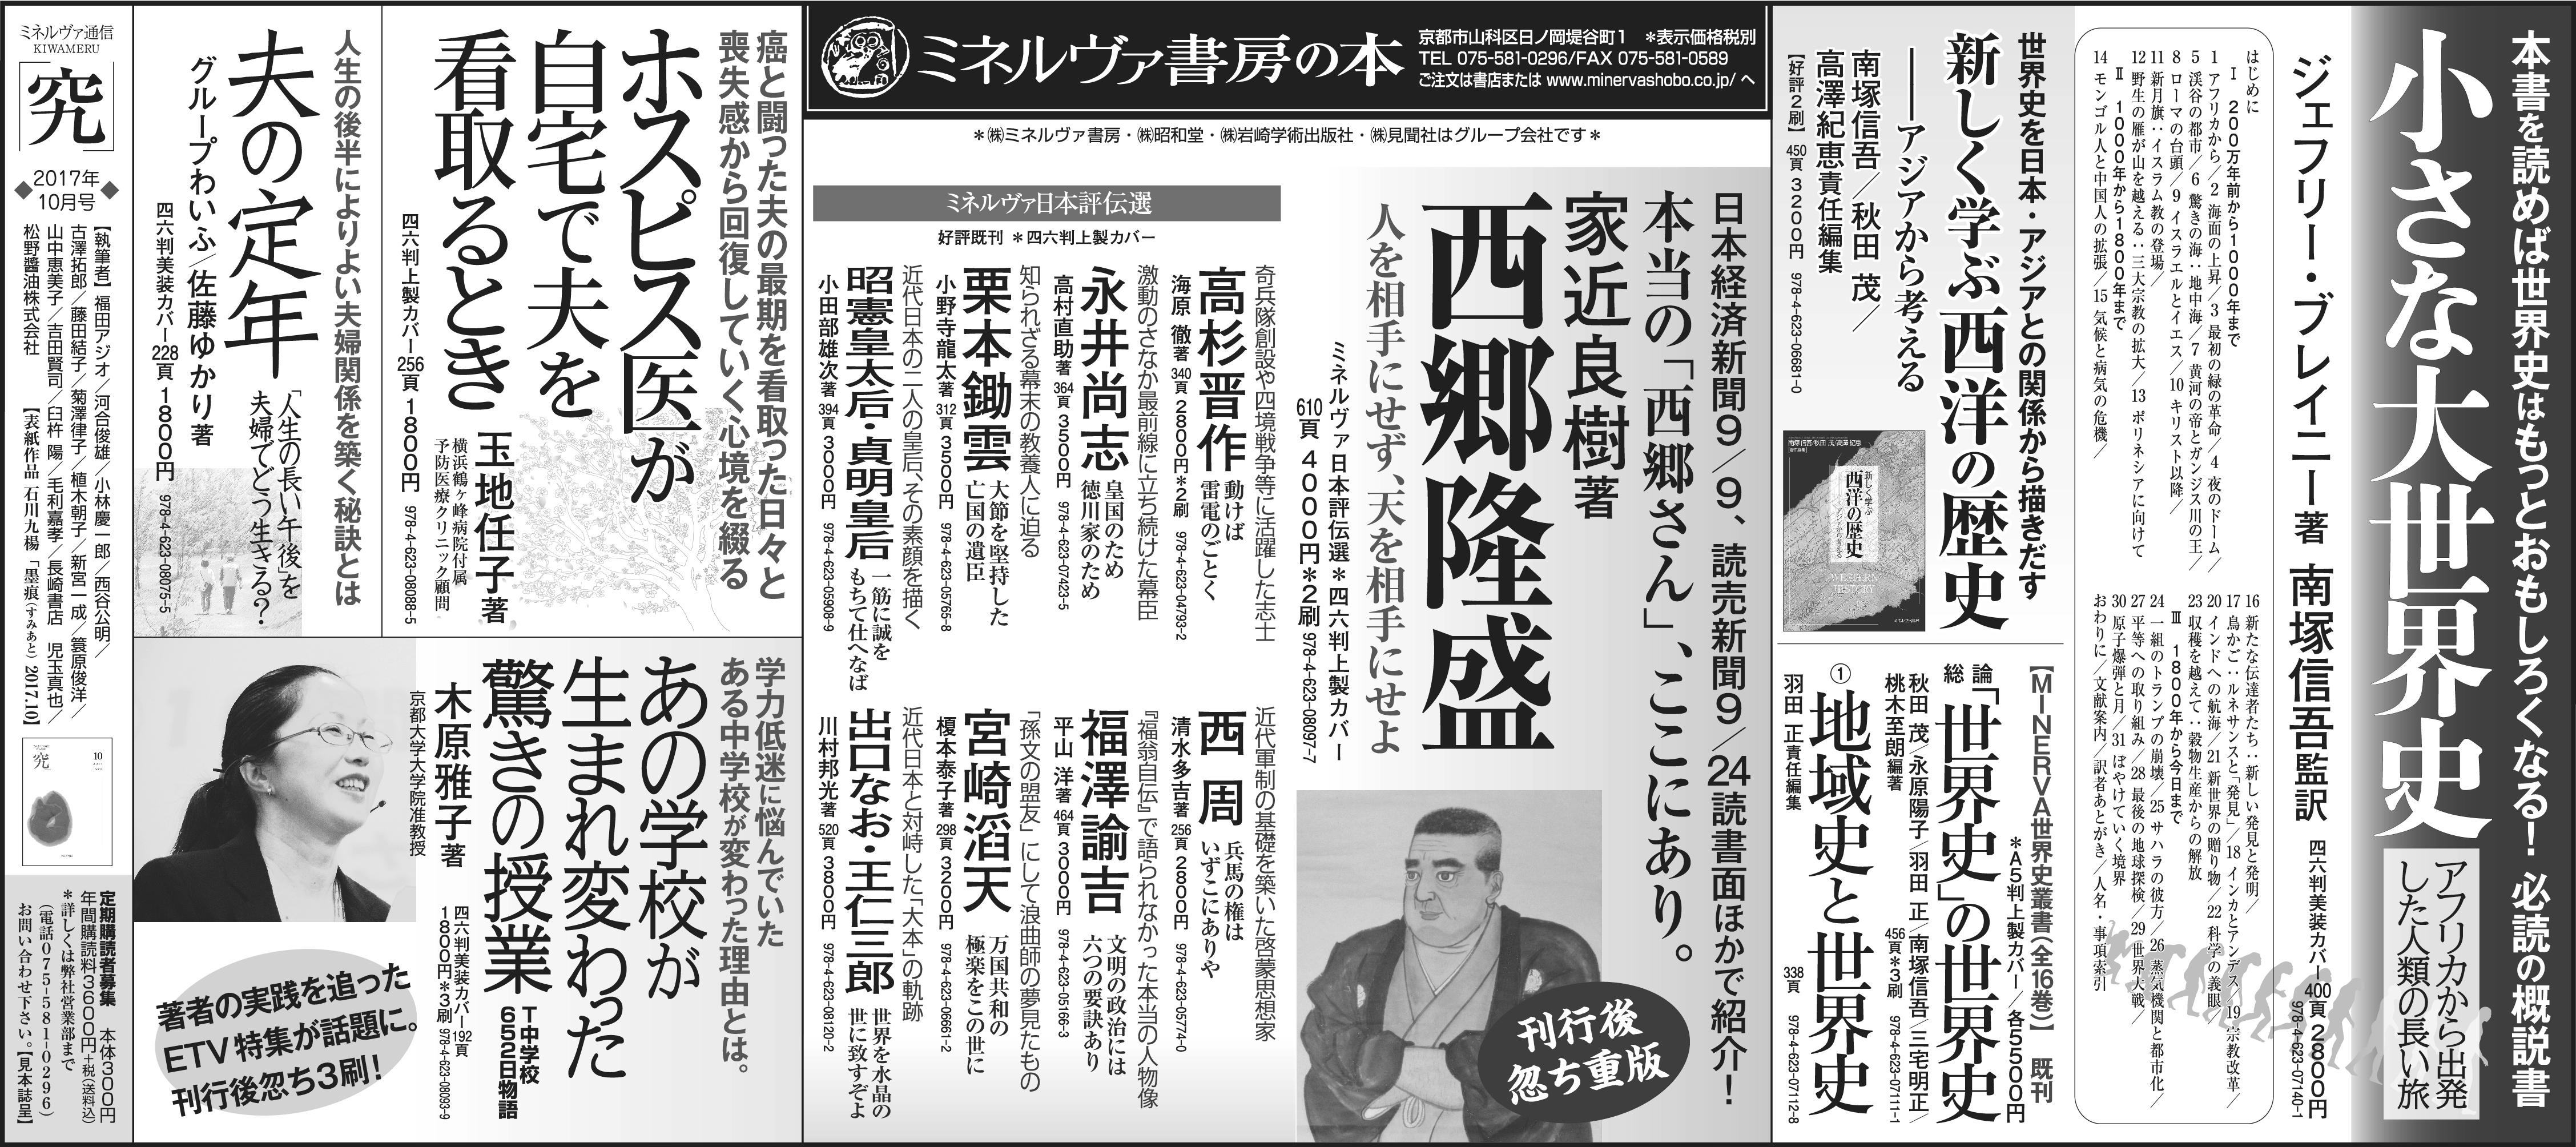 朝日新聞2017年10月8日(読書面)全5段広告